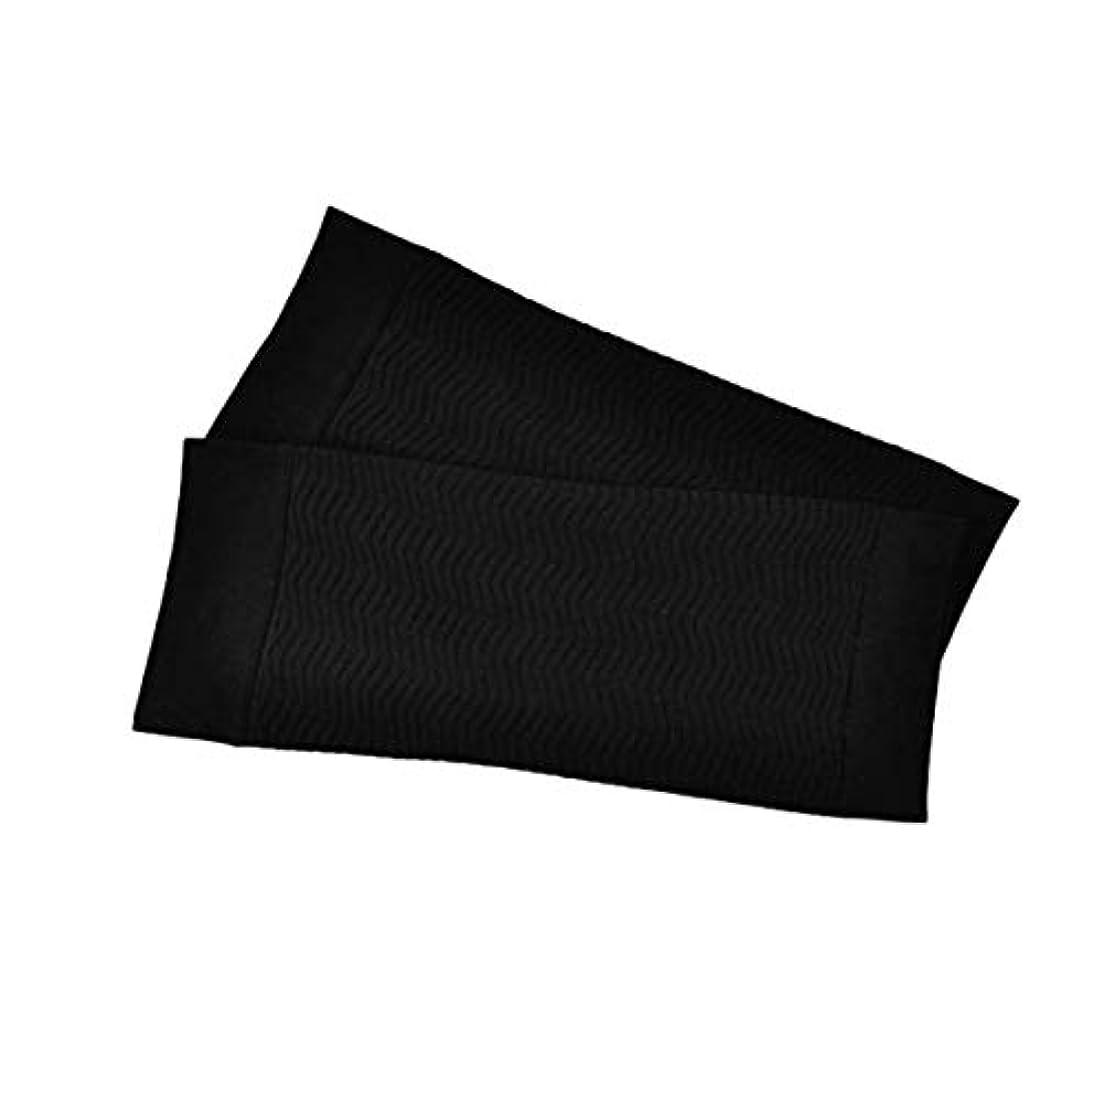 滅多前進ケープ1ペア680 D圧縮アームシェイパーワークアウトトーニングバーンセルライトスリミングアームスリーブ脂肪燃焼半袖用女性 - ブラック